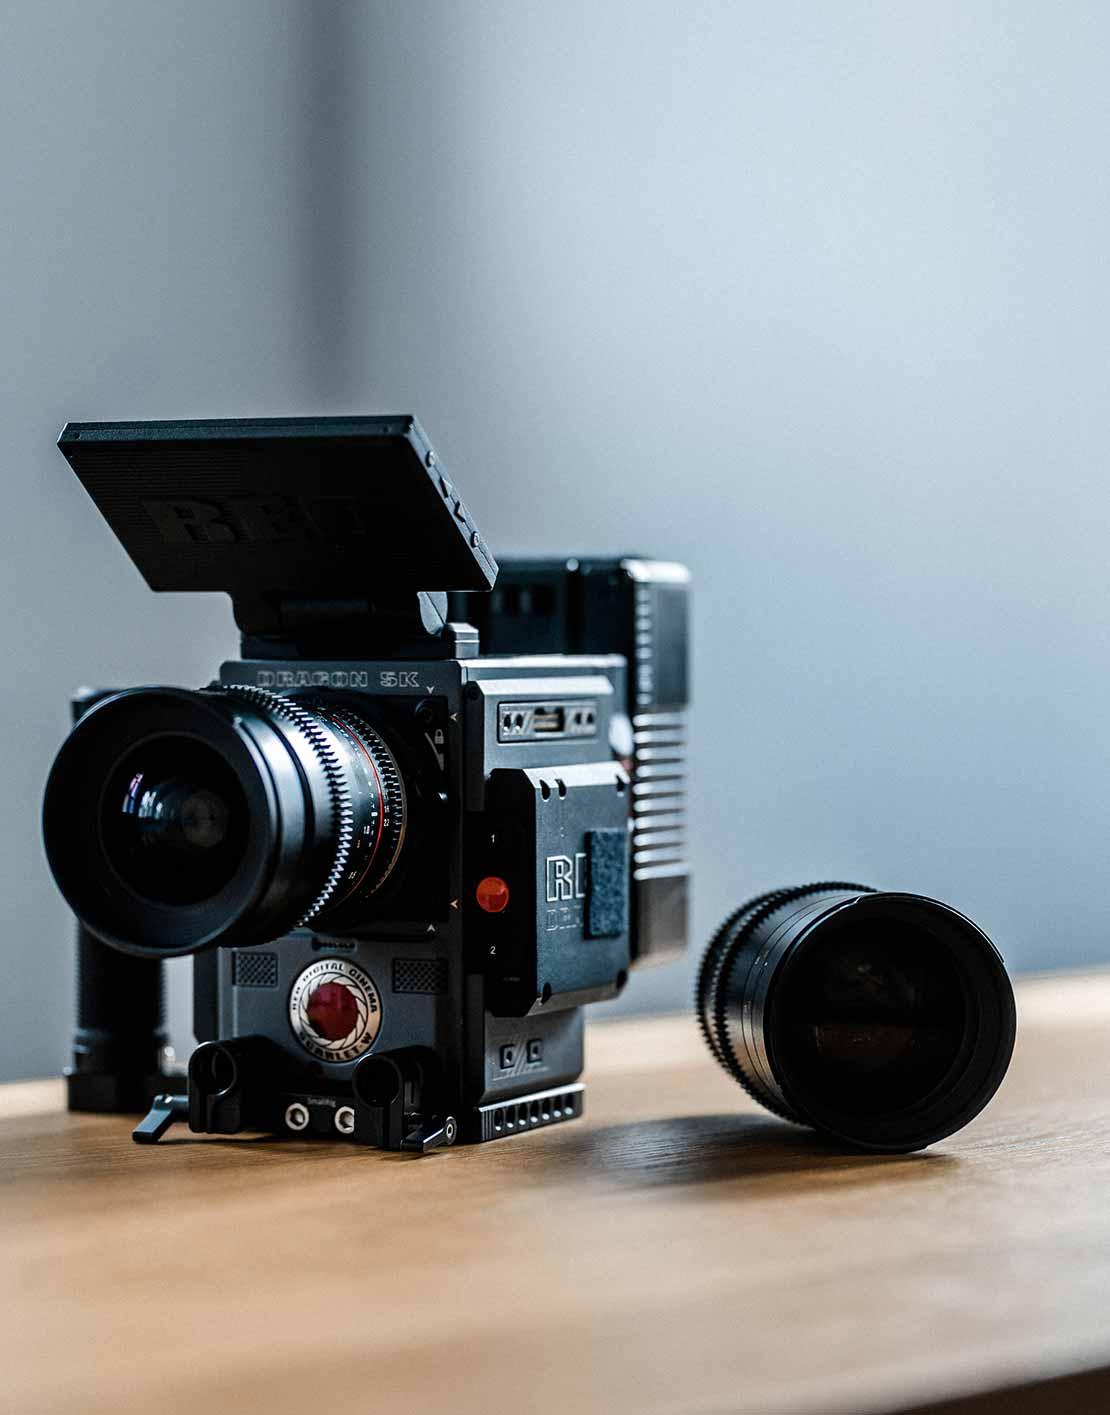 Kamera Red für Videoproduktion steht auf Schreibtisch